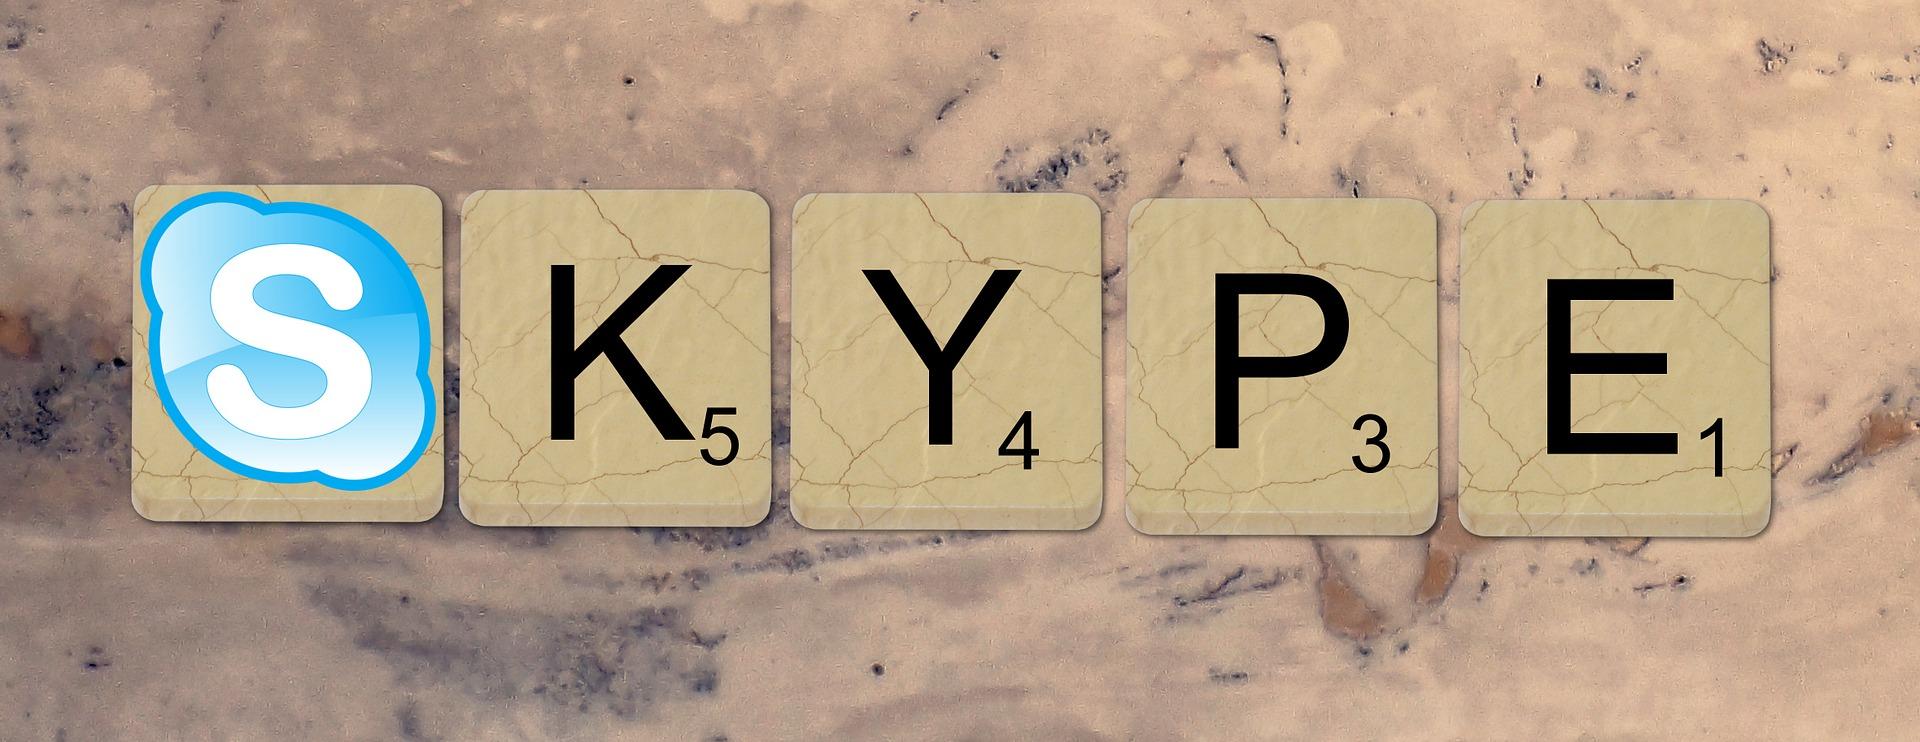 Kako koristiti Skype Kako jeftino telefonirati Kako instalirati Skype